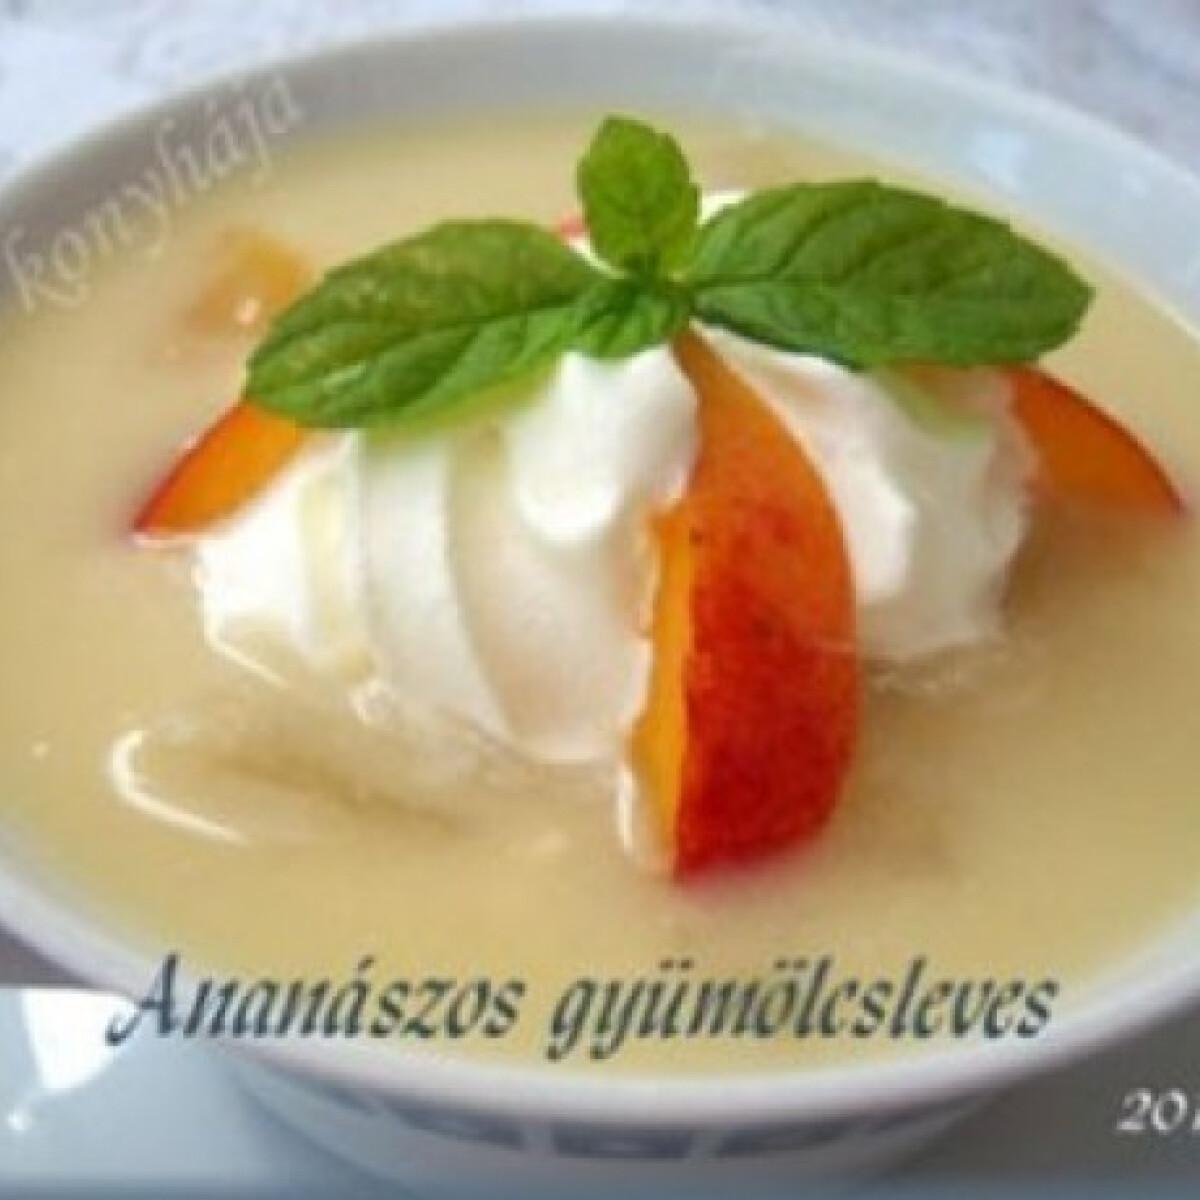 Ezen a képen: Ananászos gyümölcsleves